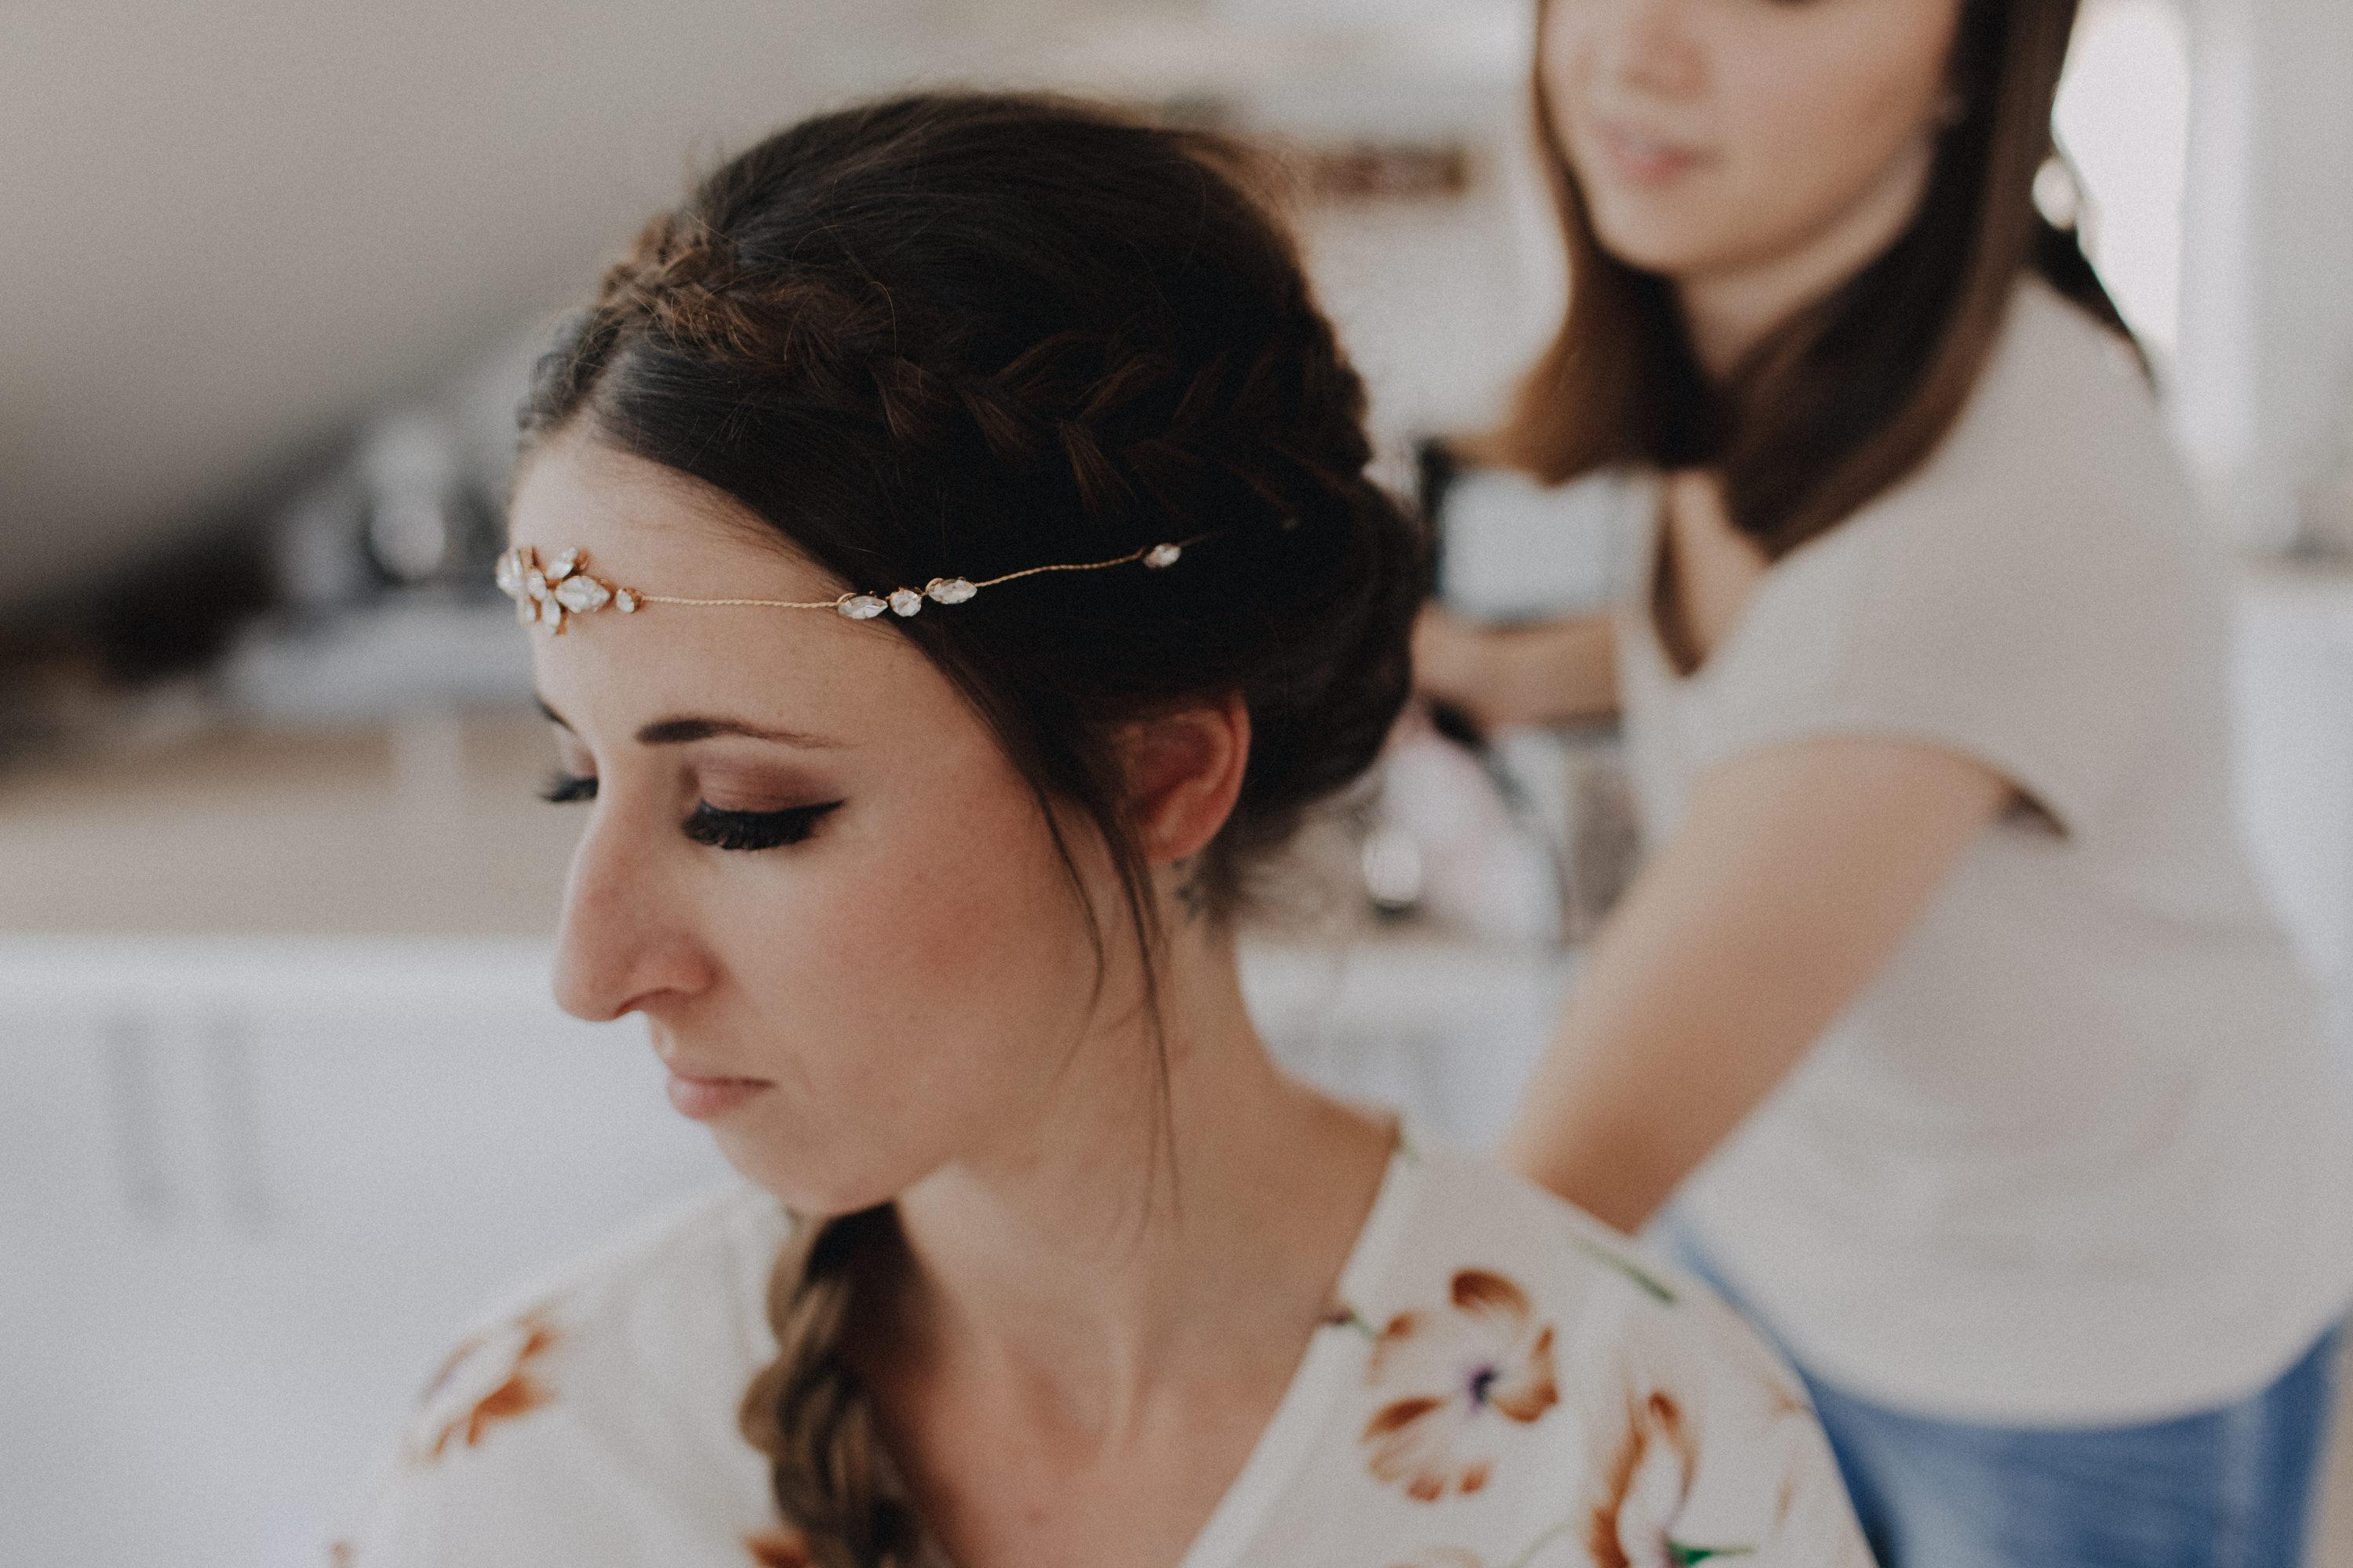 Dieses Foto ist Teil einer Hochzeitsreportage, die von den Hochzeitsfotografen Tom und Lia aus Potsdam aufgenommen wurde. Zu sehen ist die Braut, die während des Getting Readys geschminkt und angezogen wird.